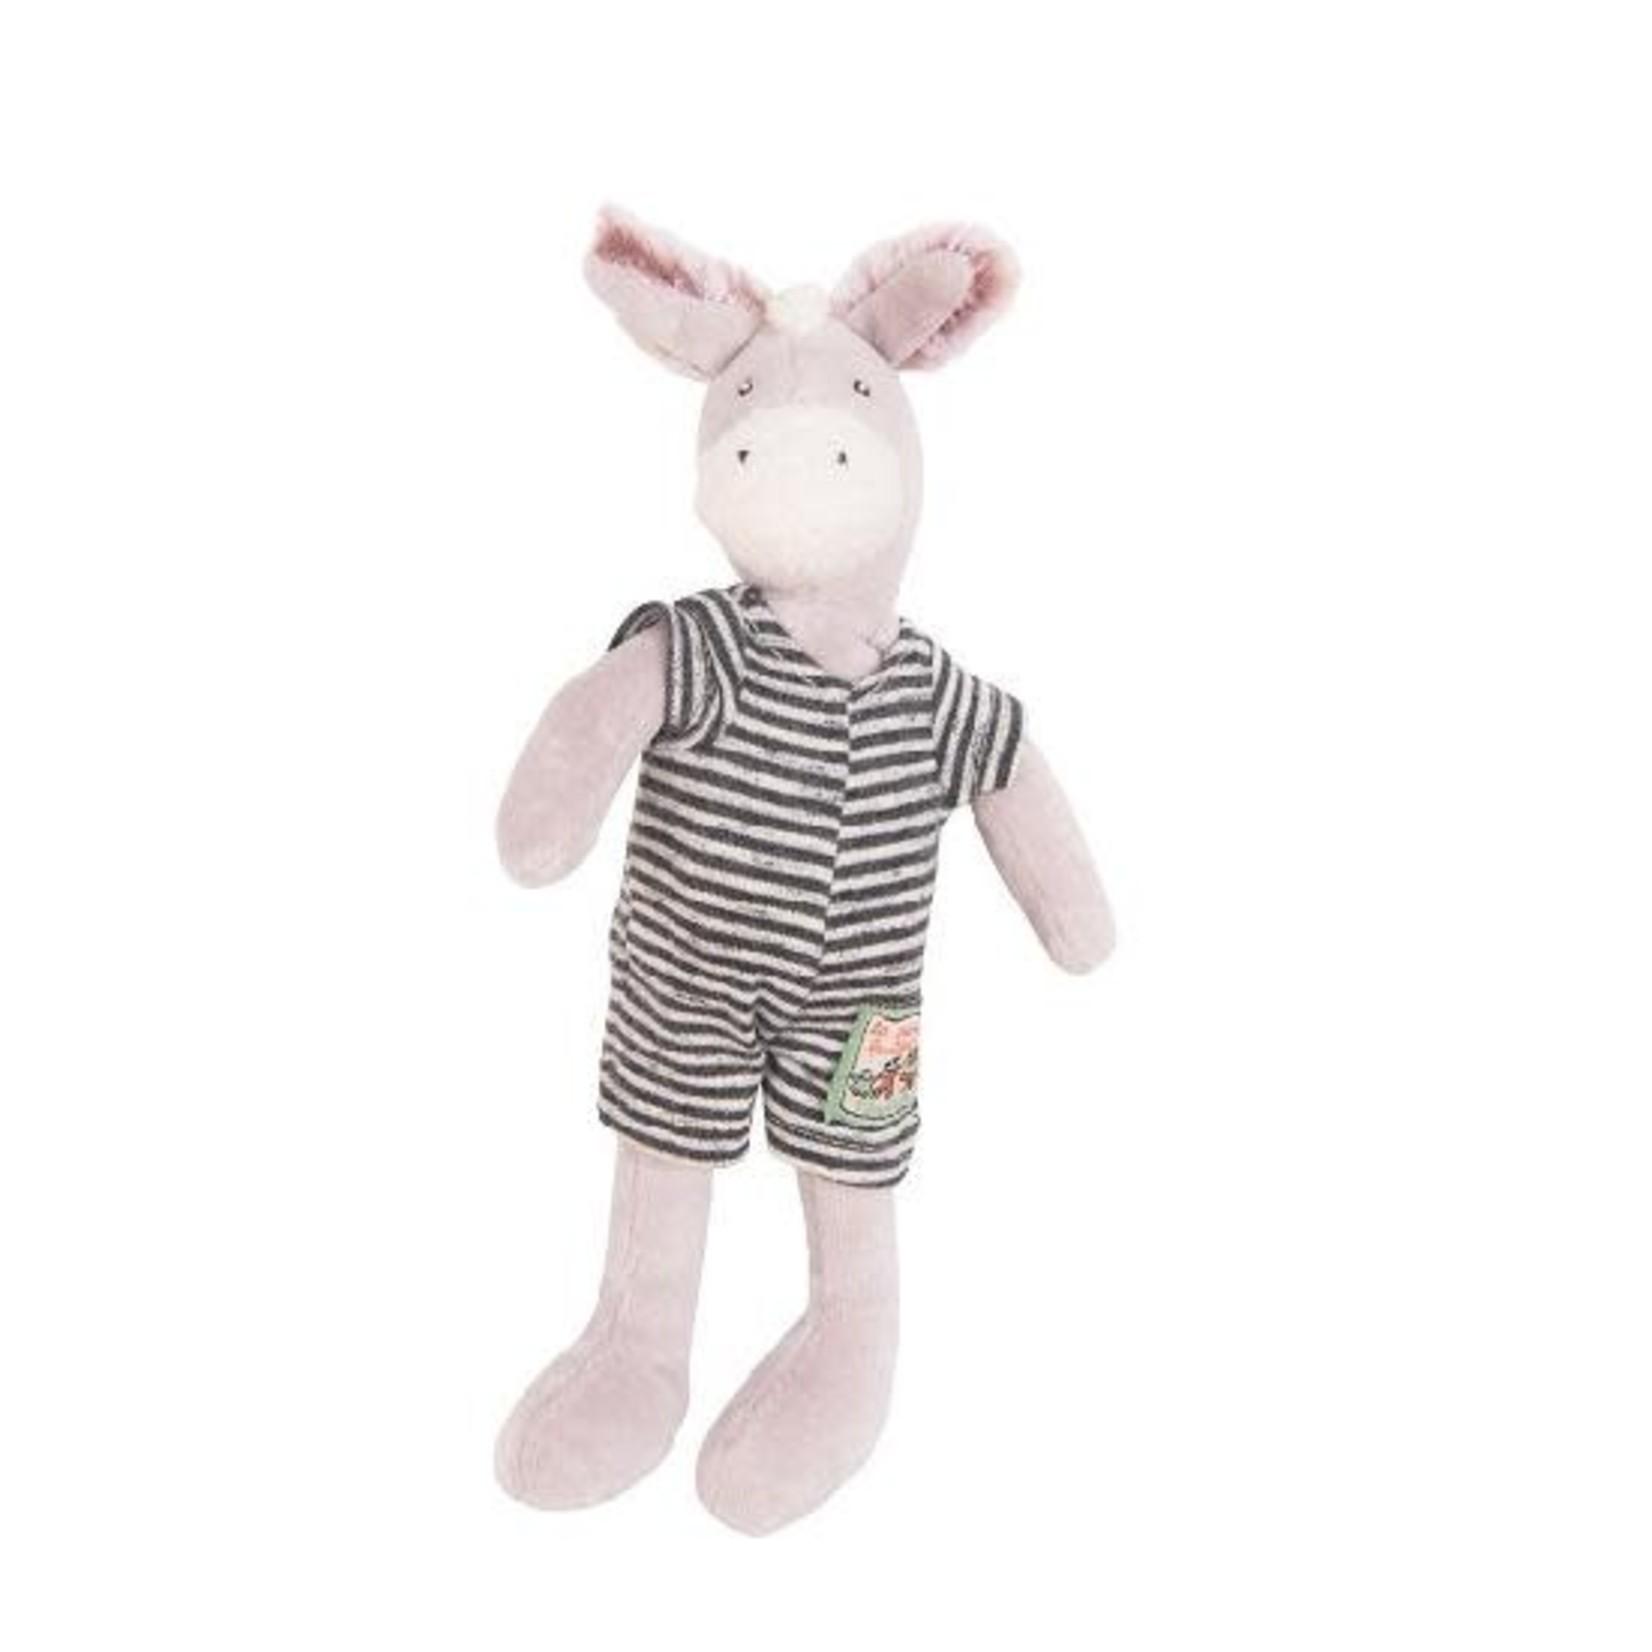 Moulin Roty Barnabe Donkey Soft Toy 20cm